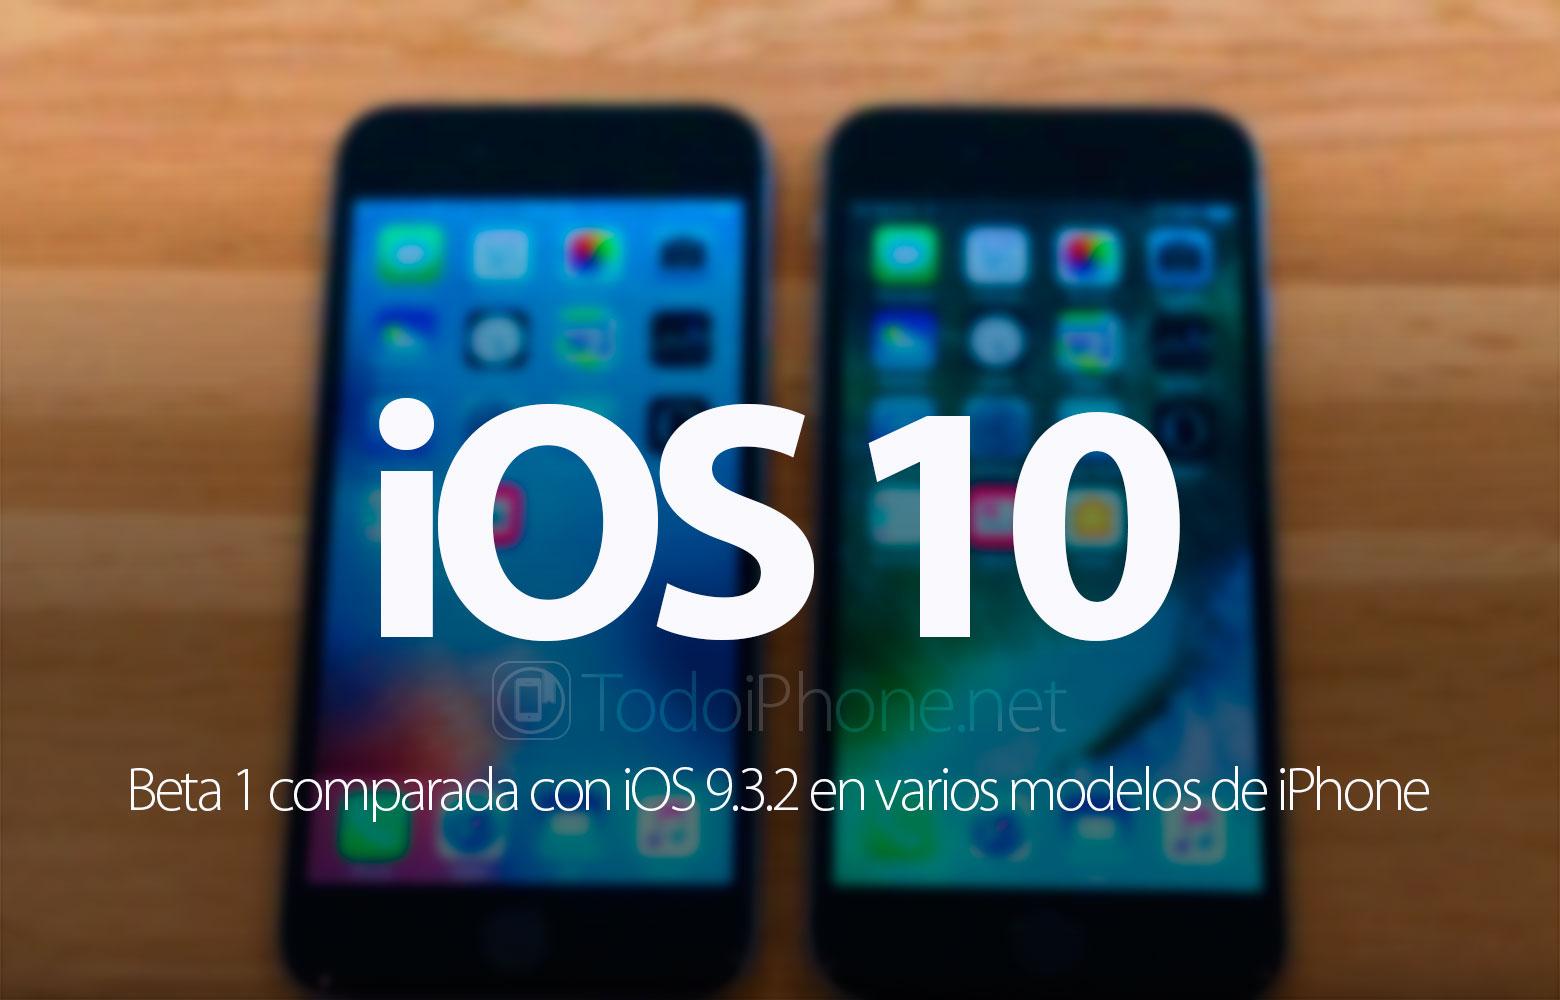 ios-10-beta-vs-ios-9-3-2-iphone-6-iphone-5